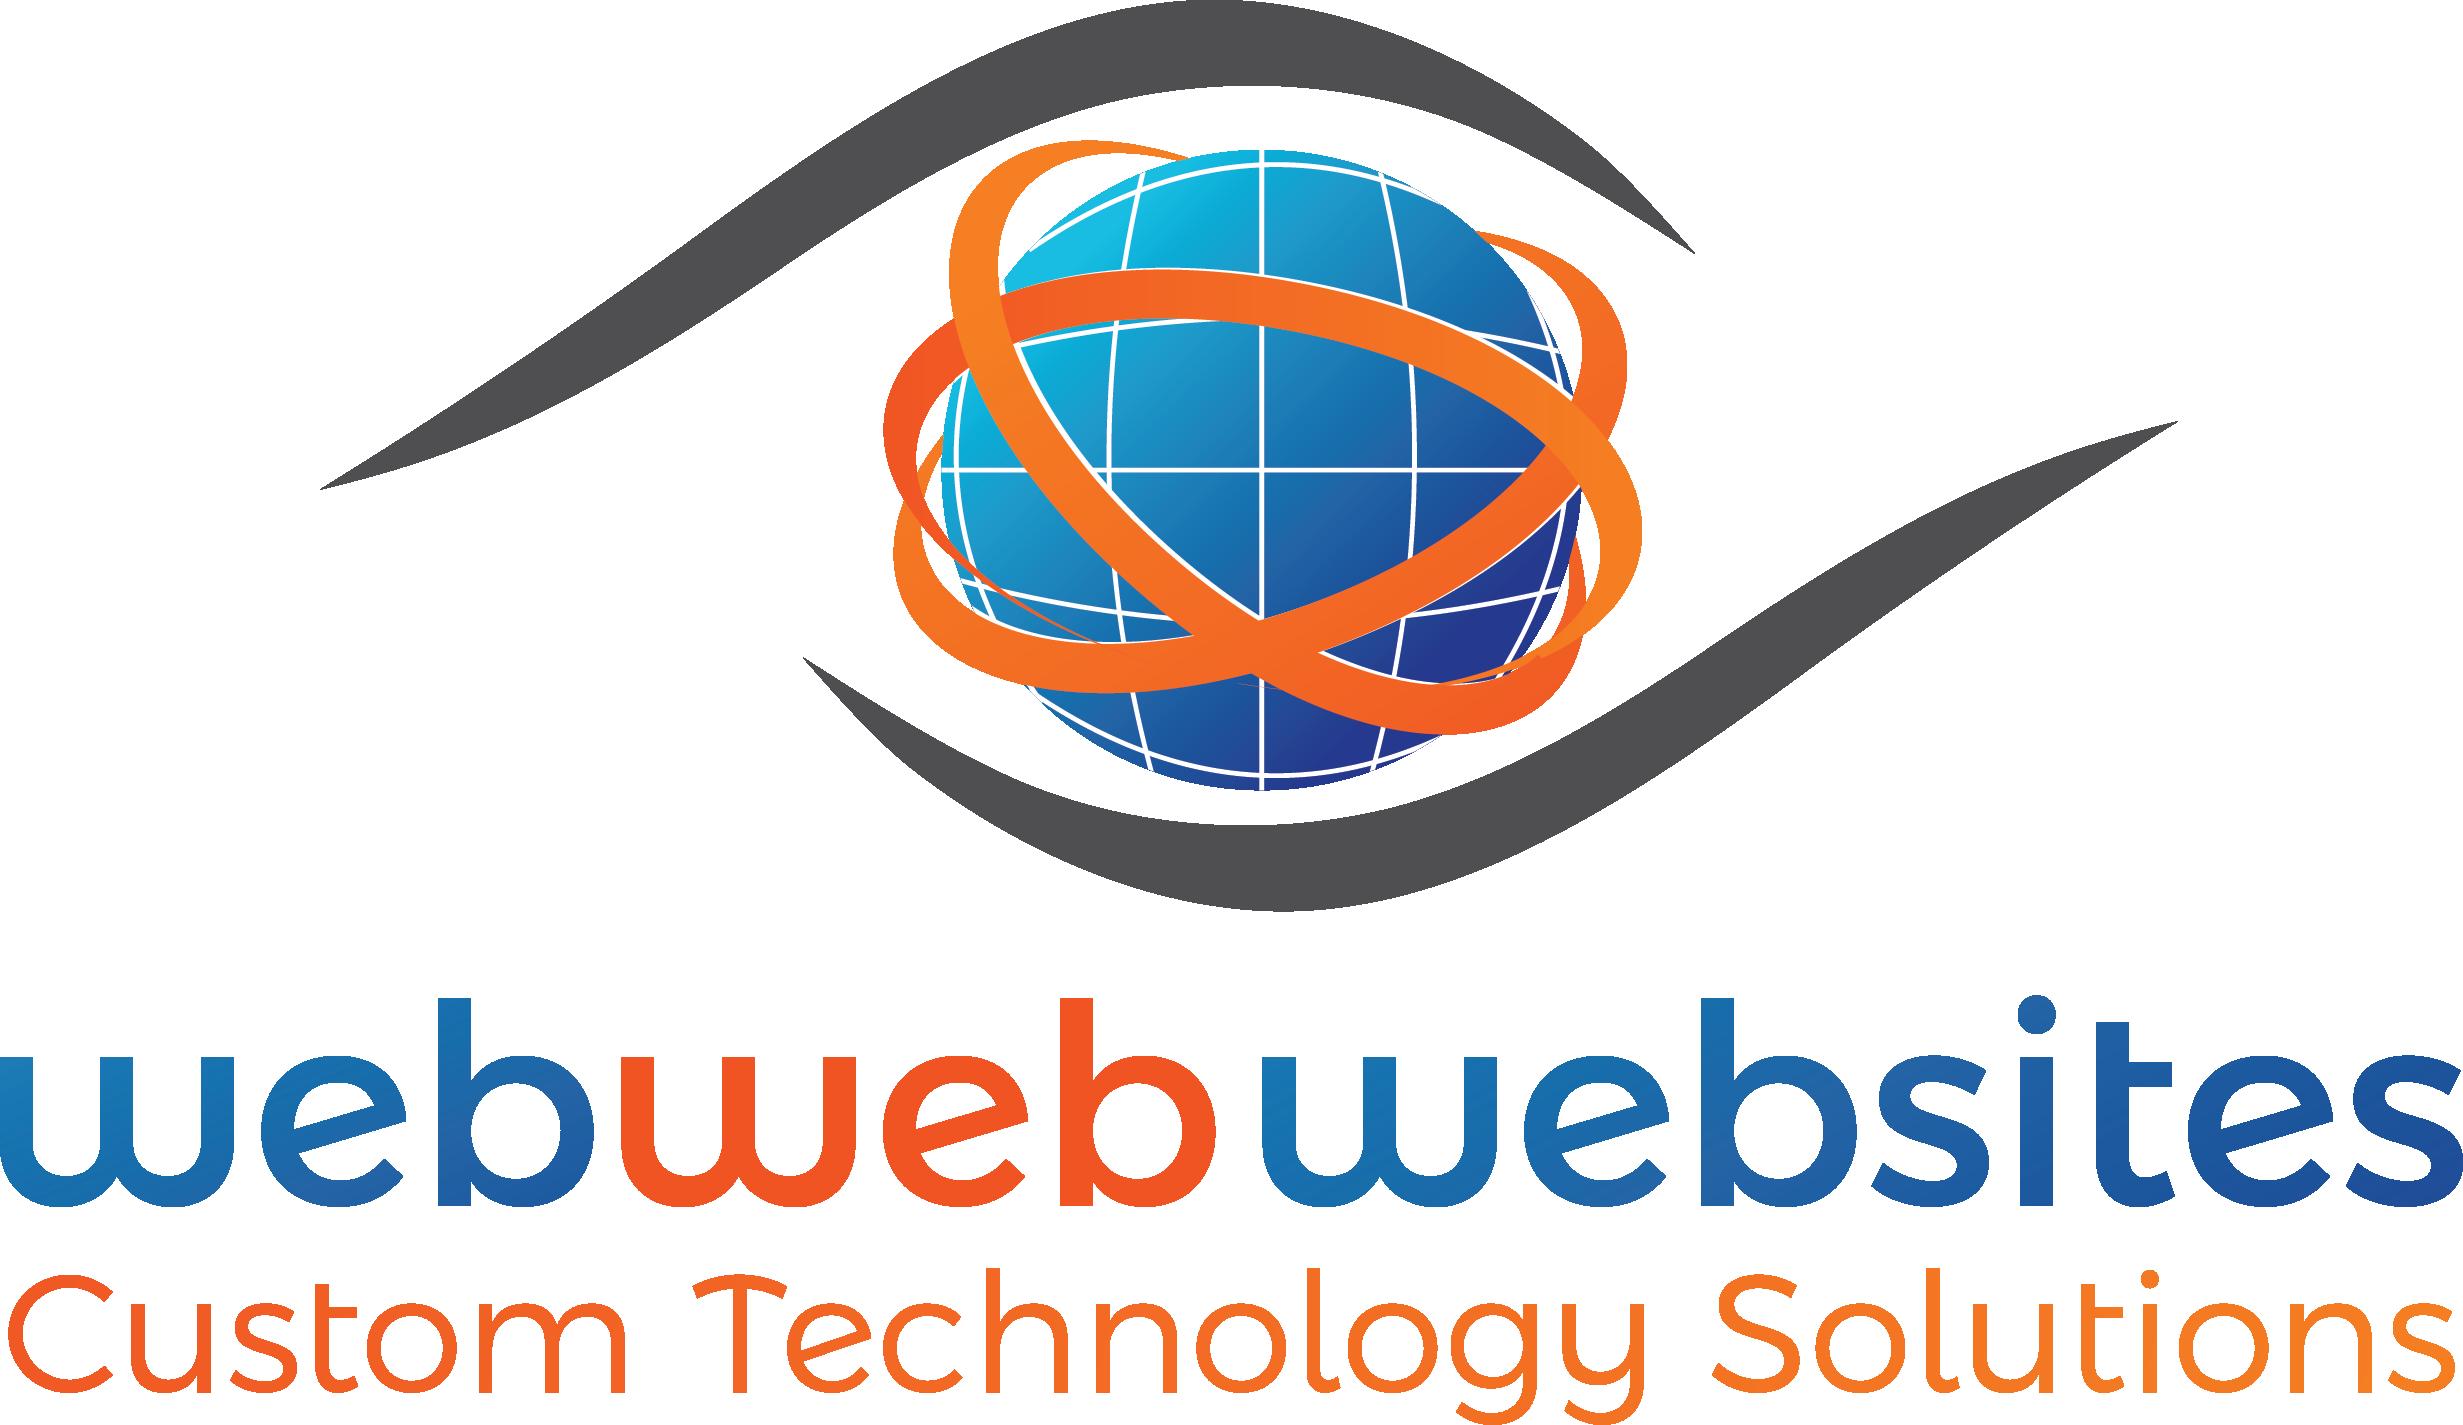 WebWebWebsites